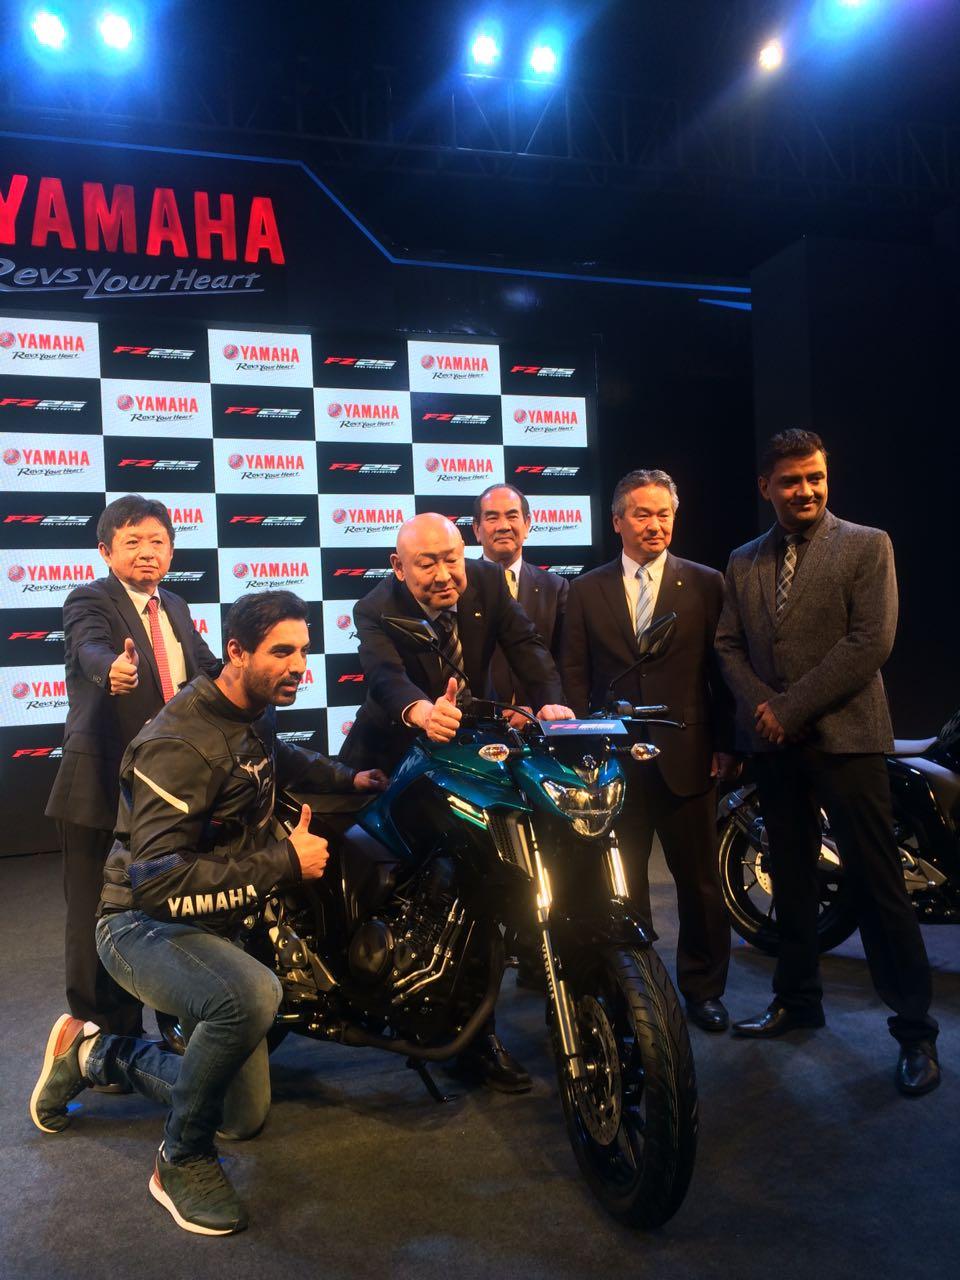 Yamaha-FZ250-John-Abraham-with-Japanese-team